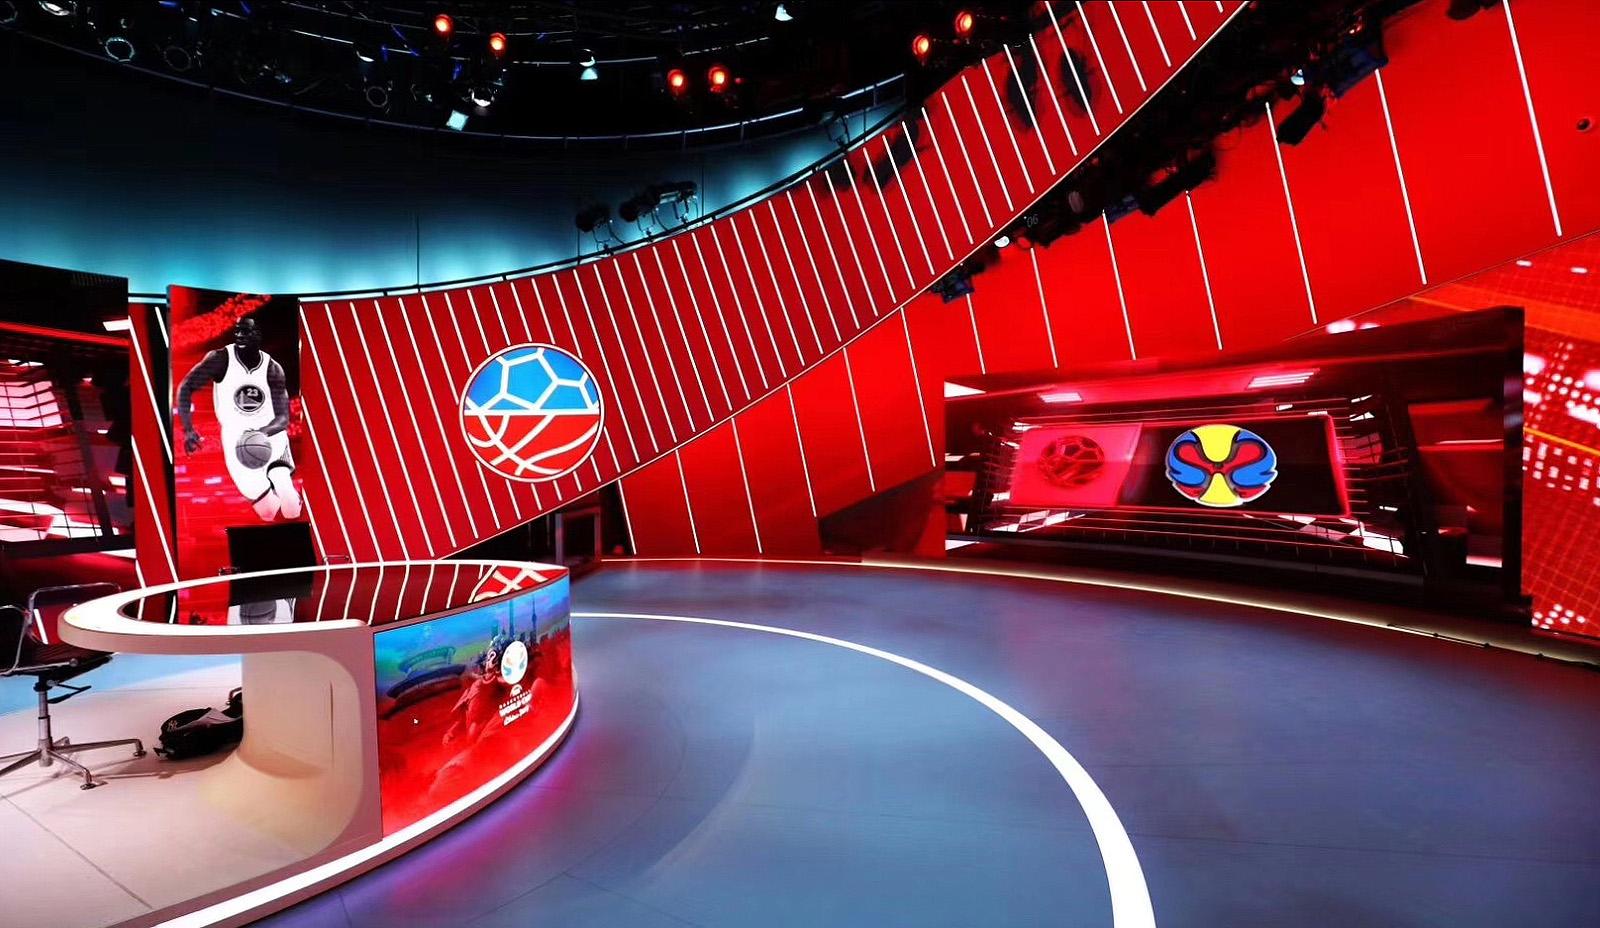 NCS_Tencent-Sports_NBA_Flint-Skallen_003